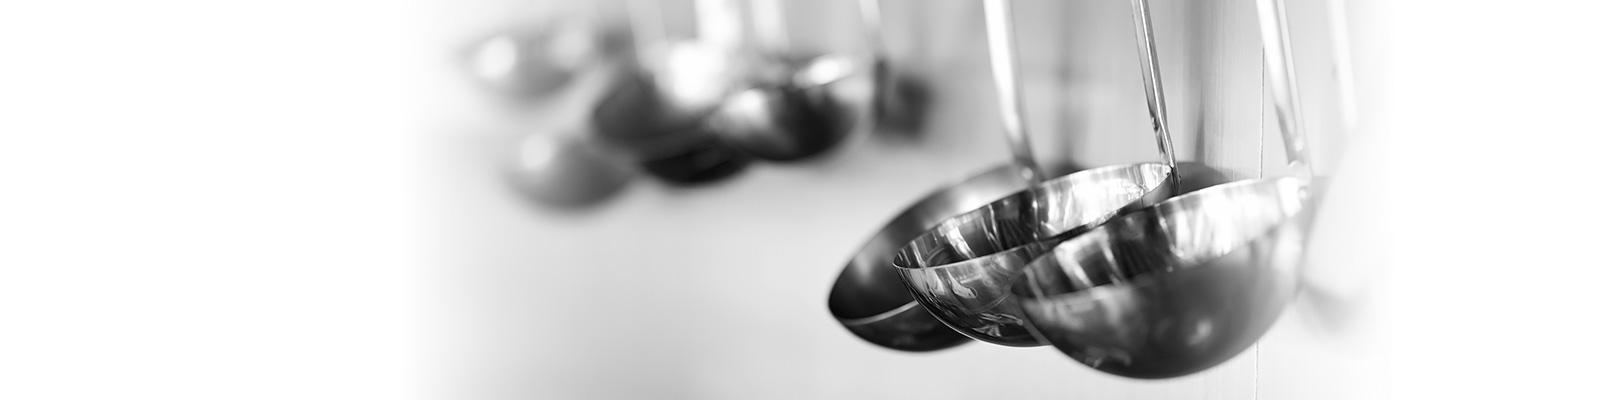 厨房 レードル イメージ